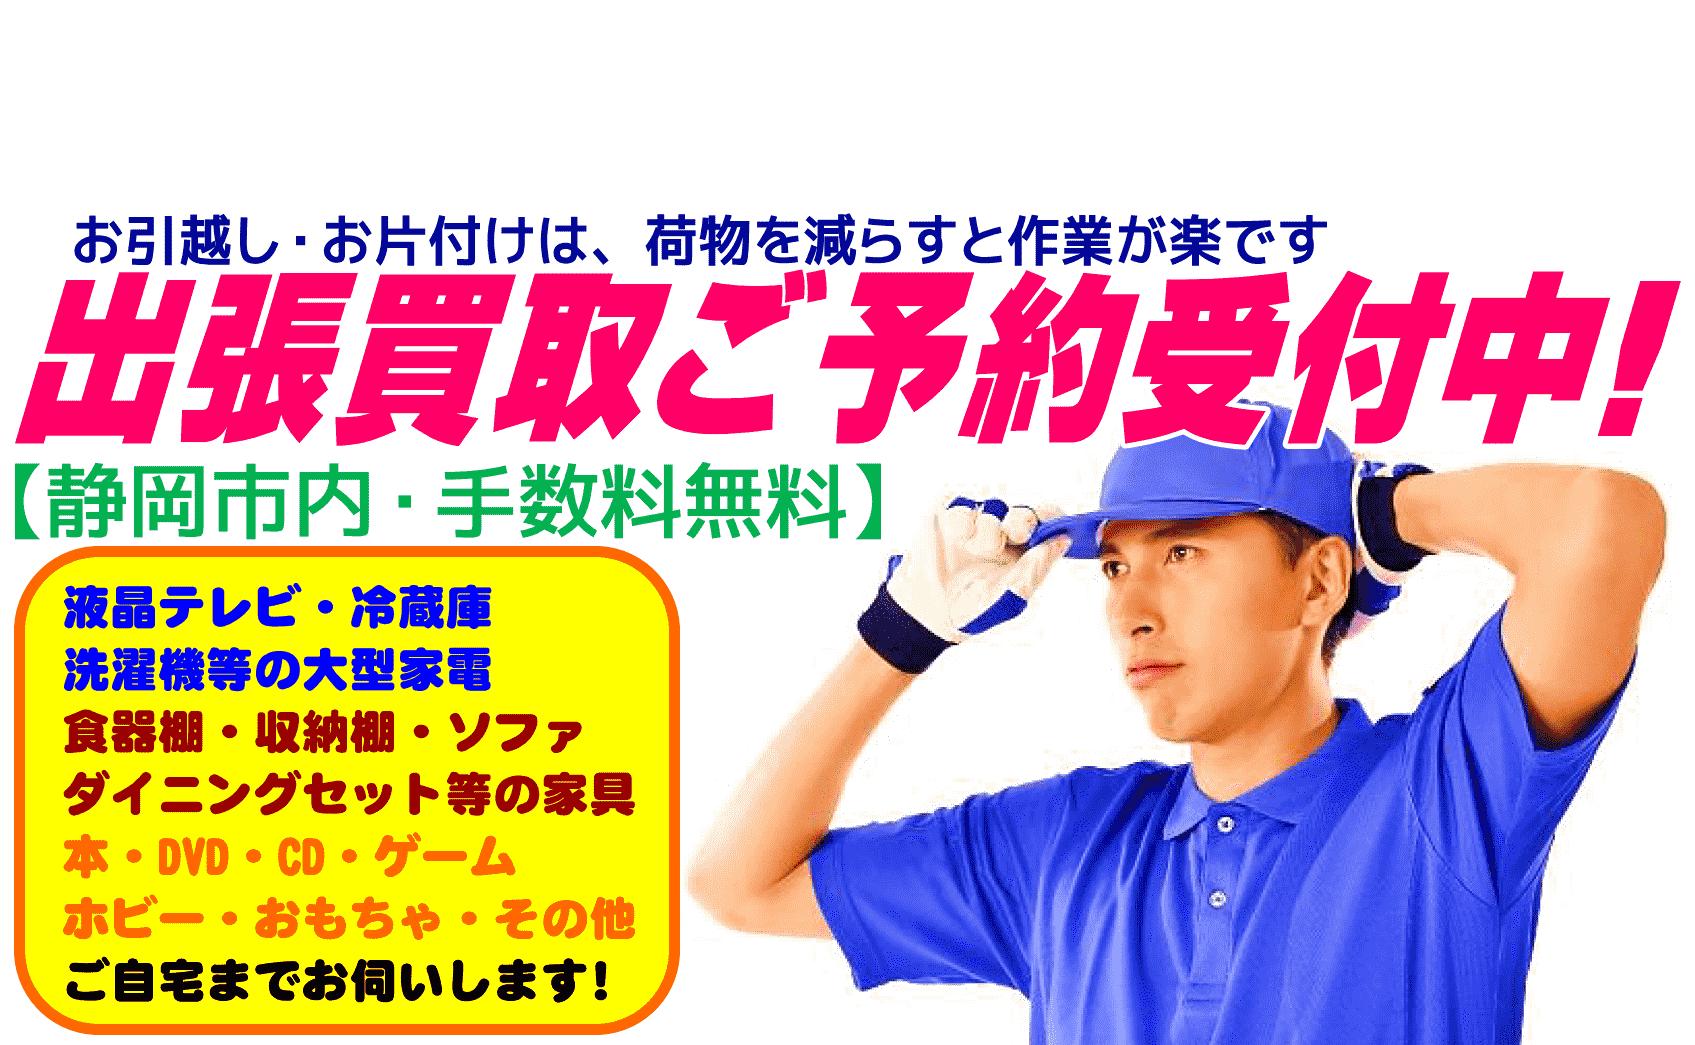 静岡市内の出張買取のハウマッチPC版